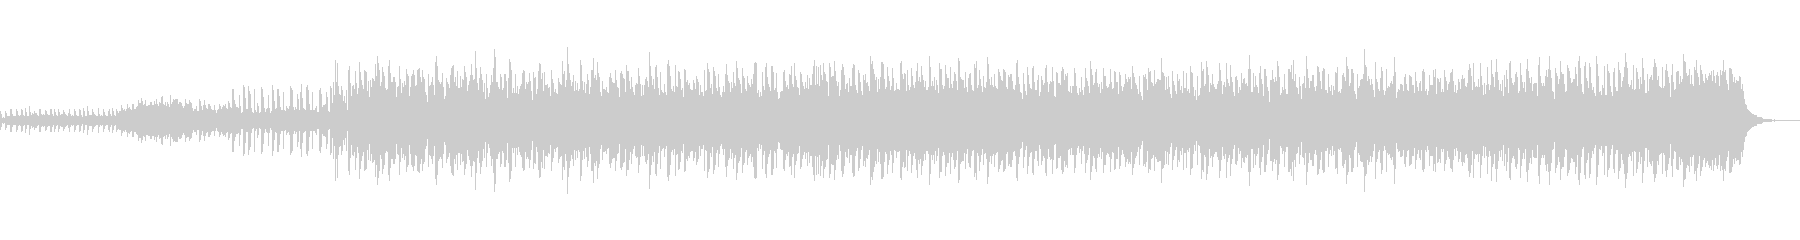 動きの少なく落ち着きのあるテクノ風BGMの未再生の波形